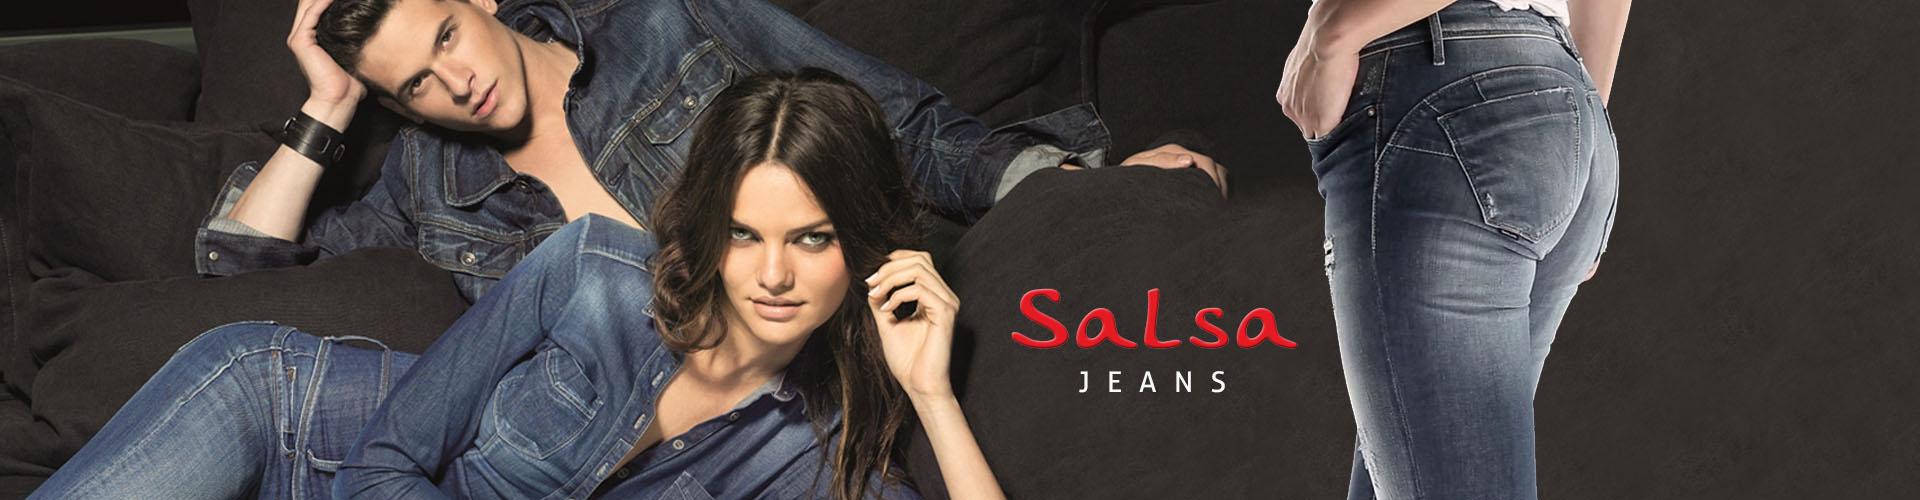 slide-accueil-salsa